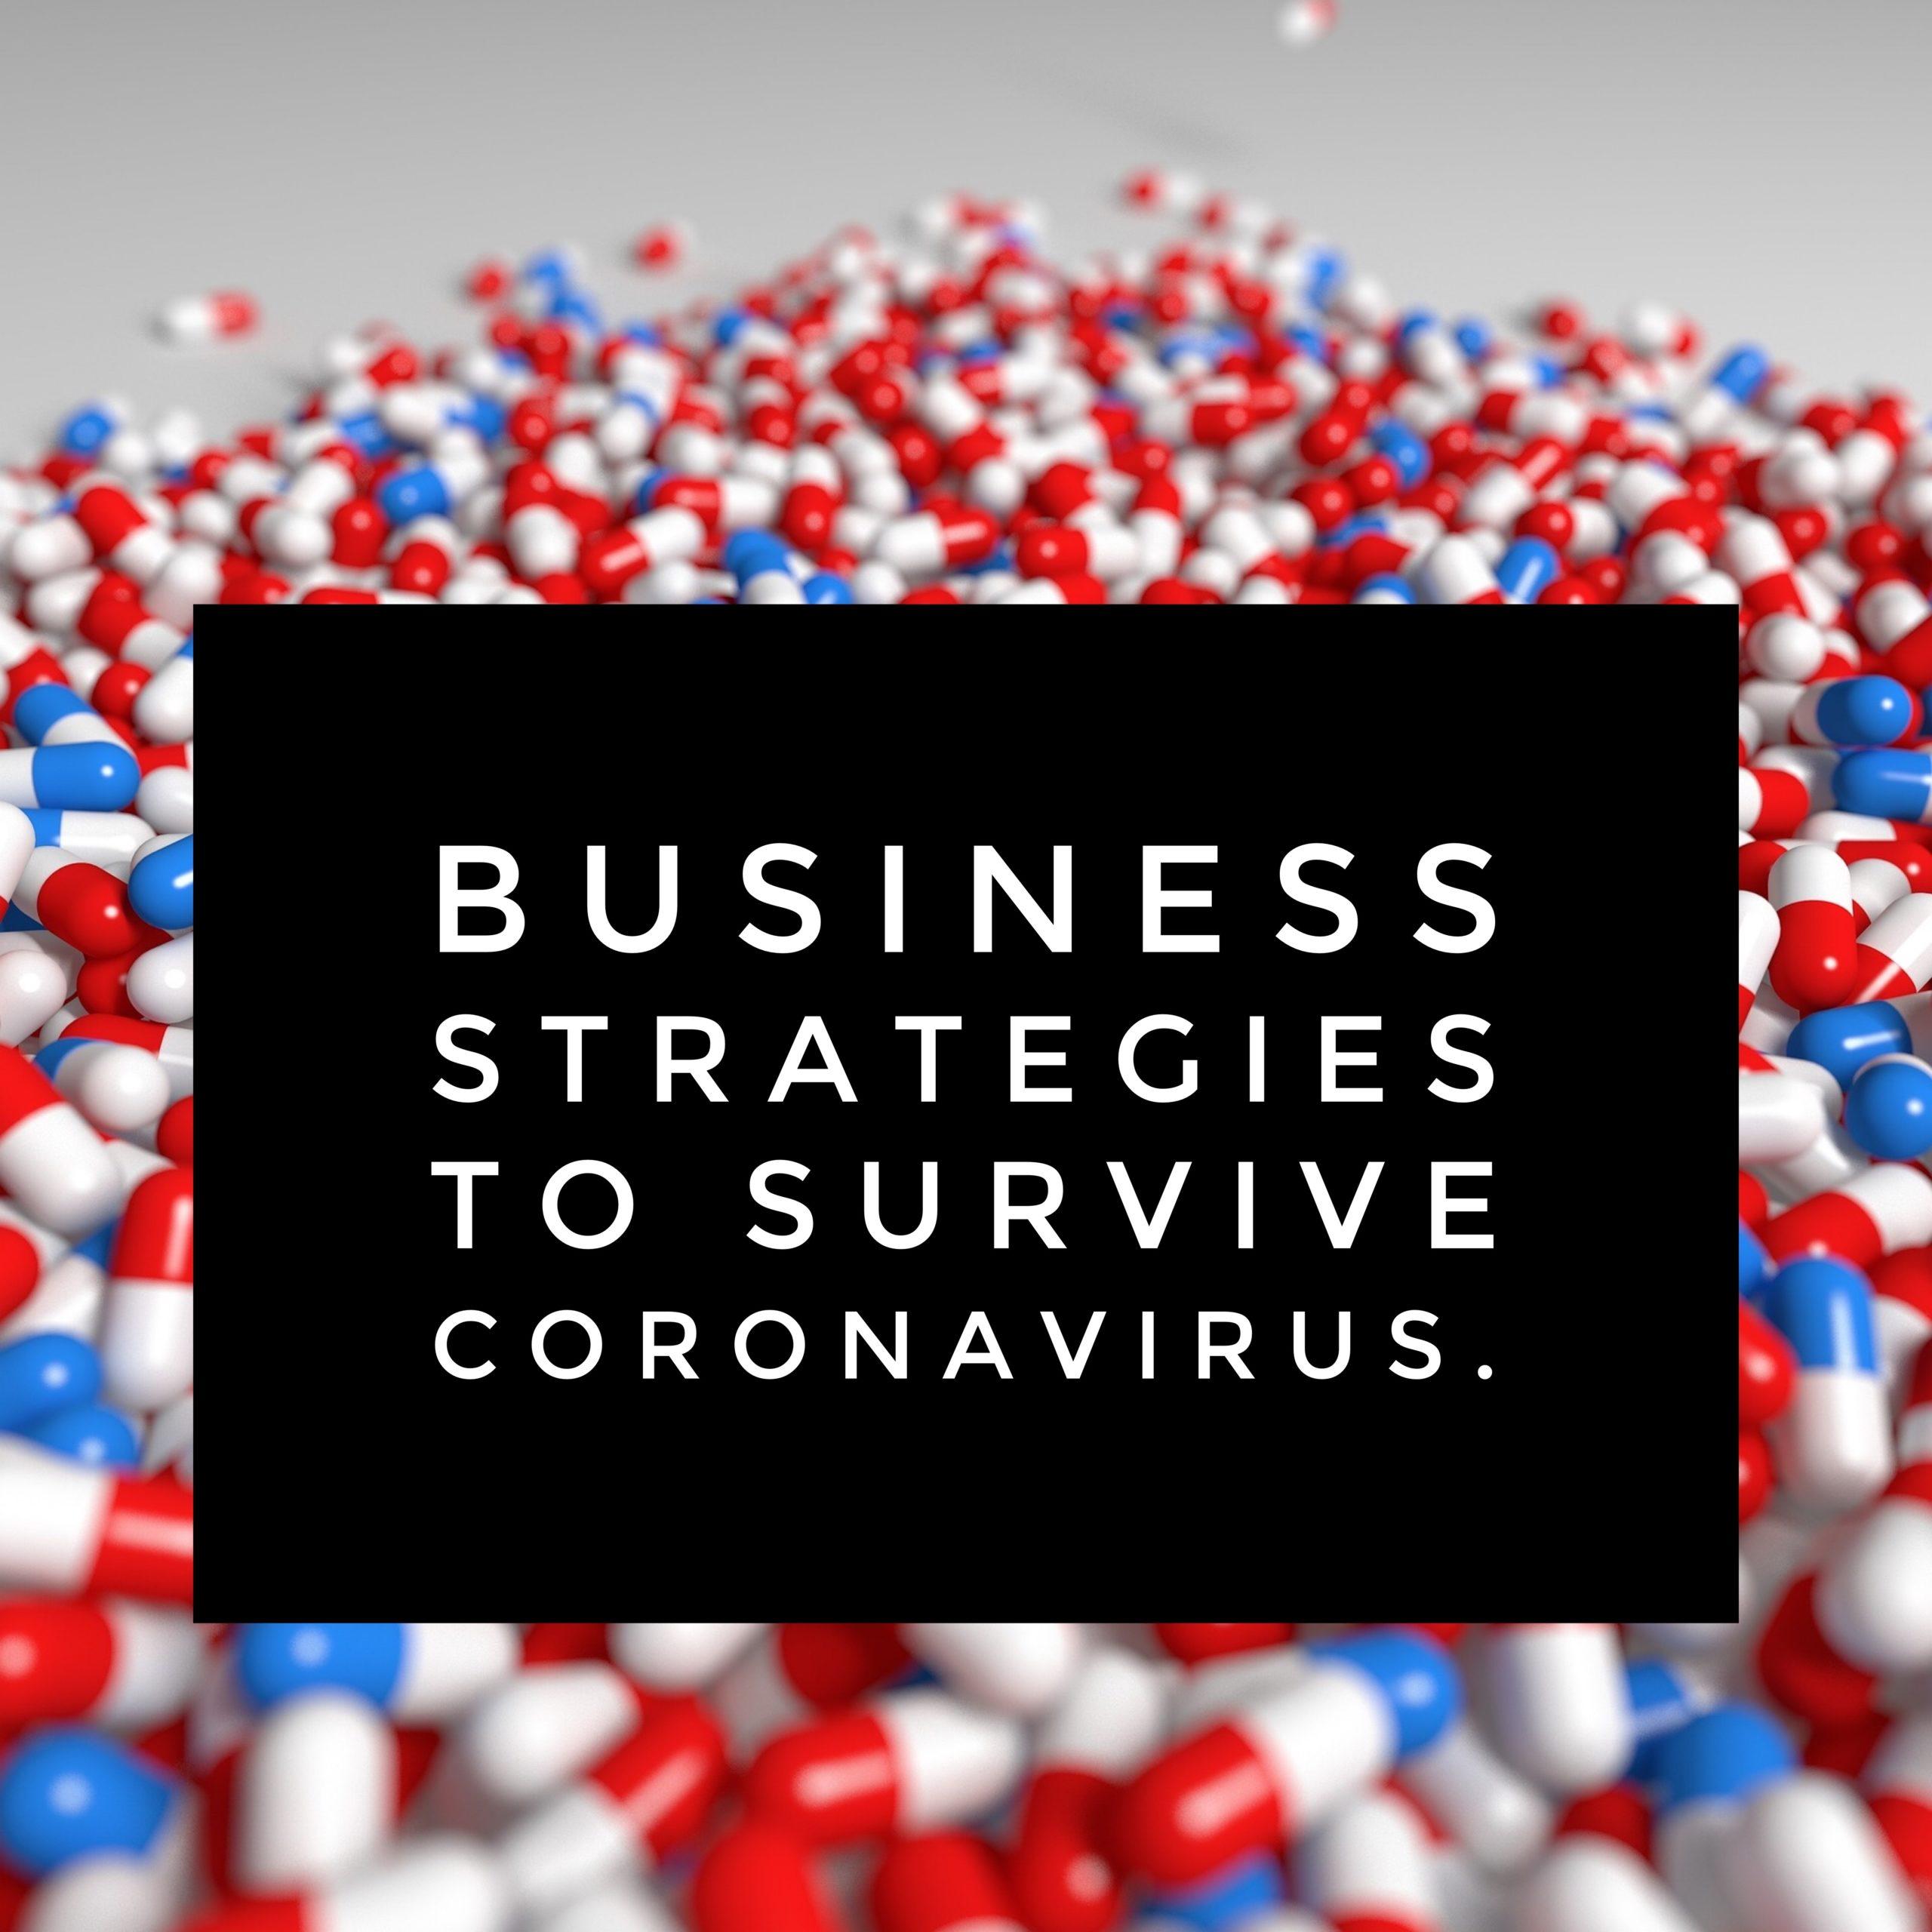 Business Strategies to Survive Coronavirus.